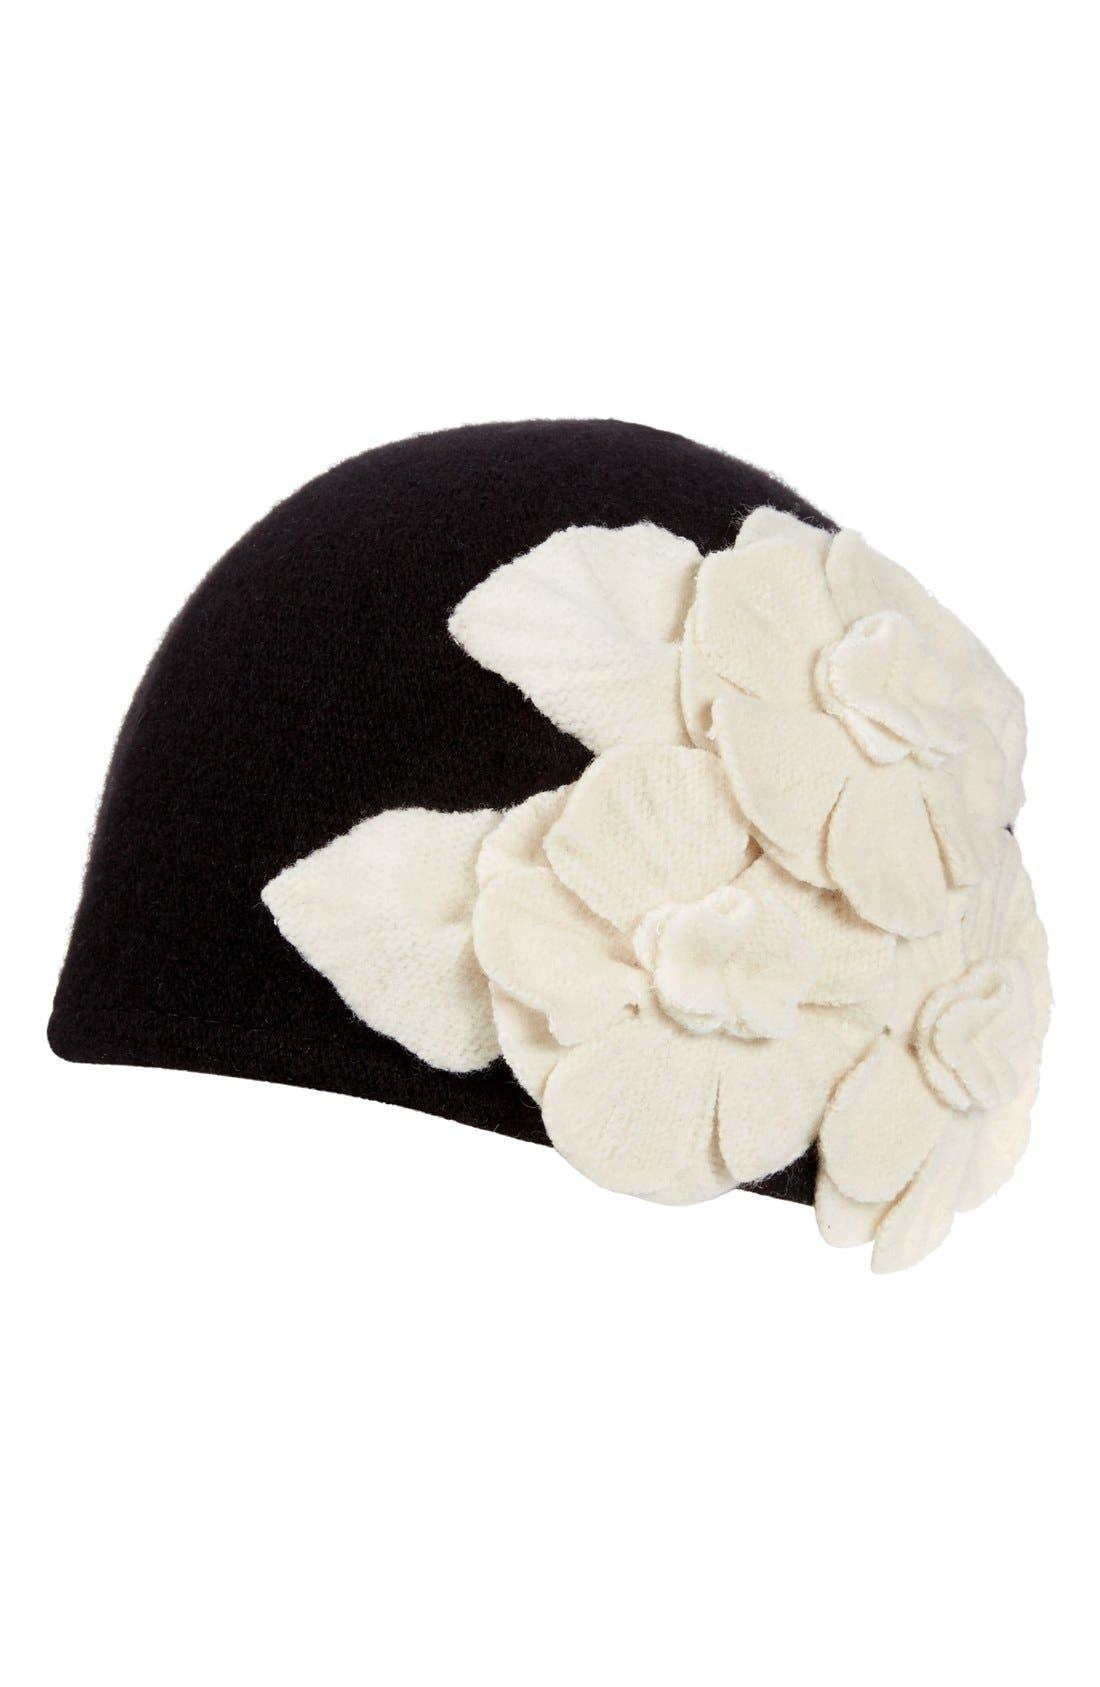 Floral Embellished Cap,                         Main,                         color, Black/ Natural